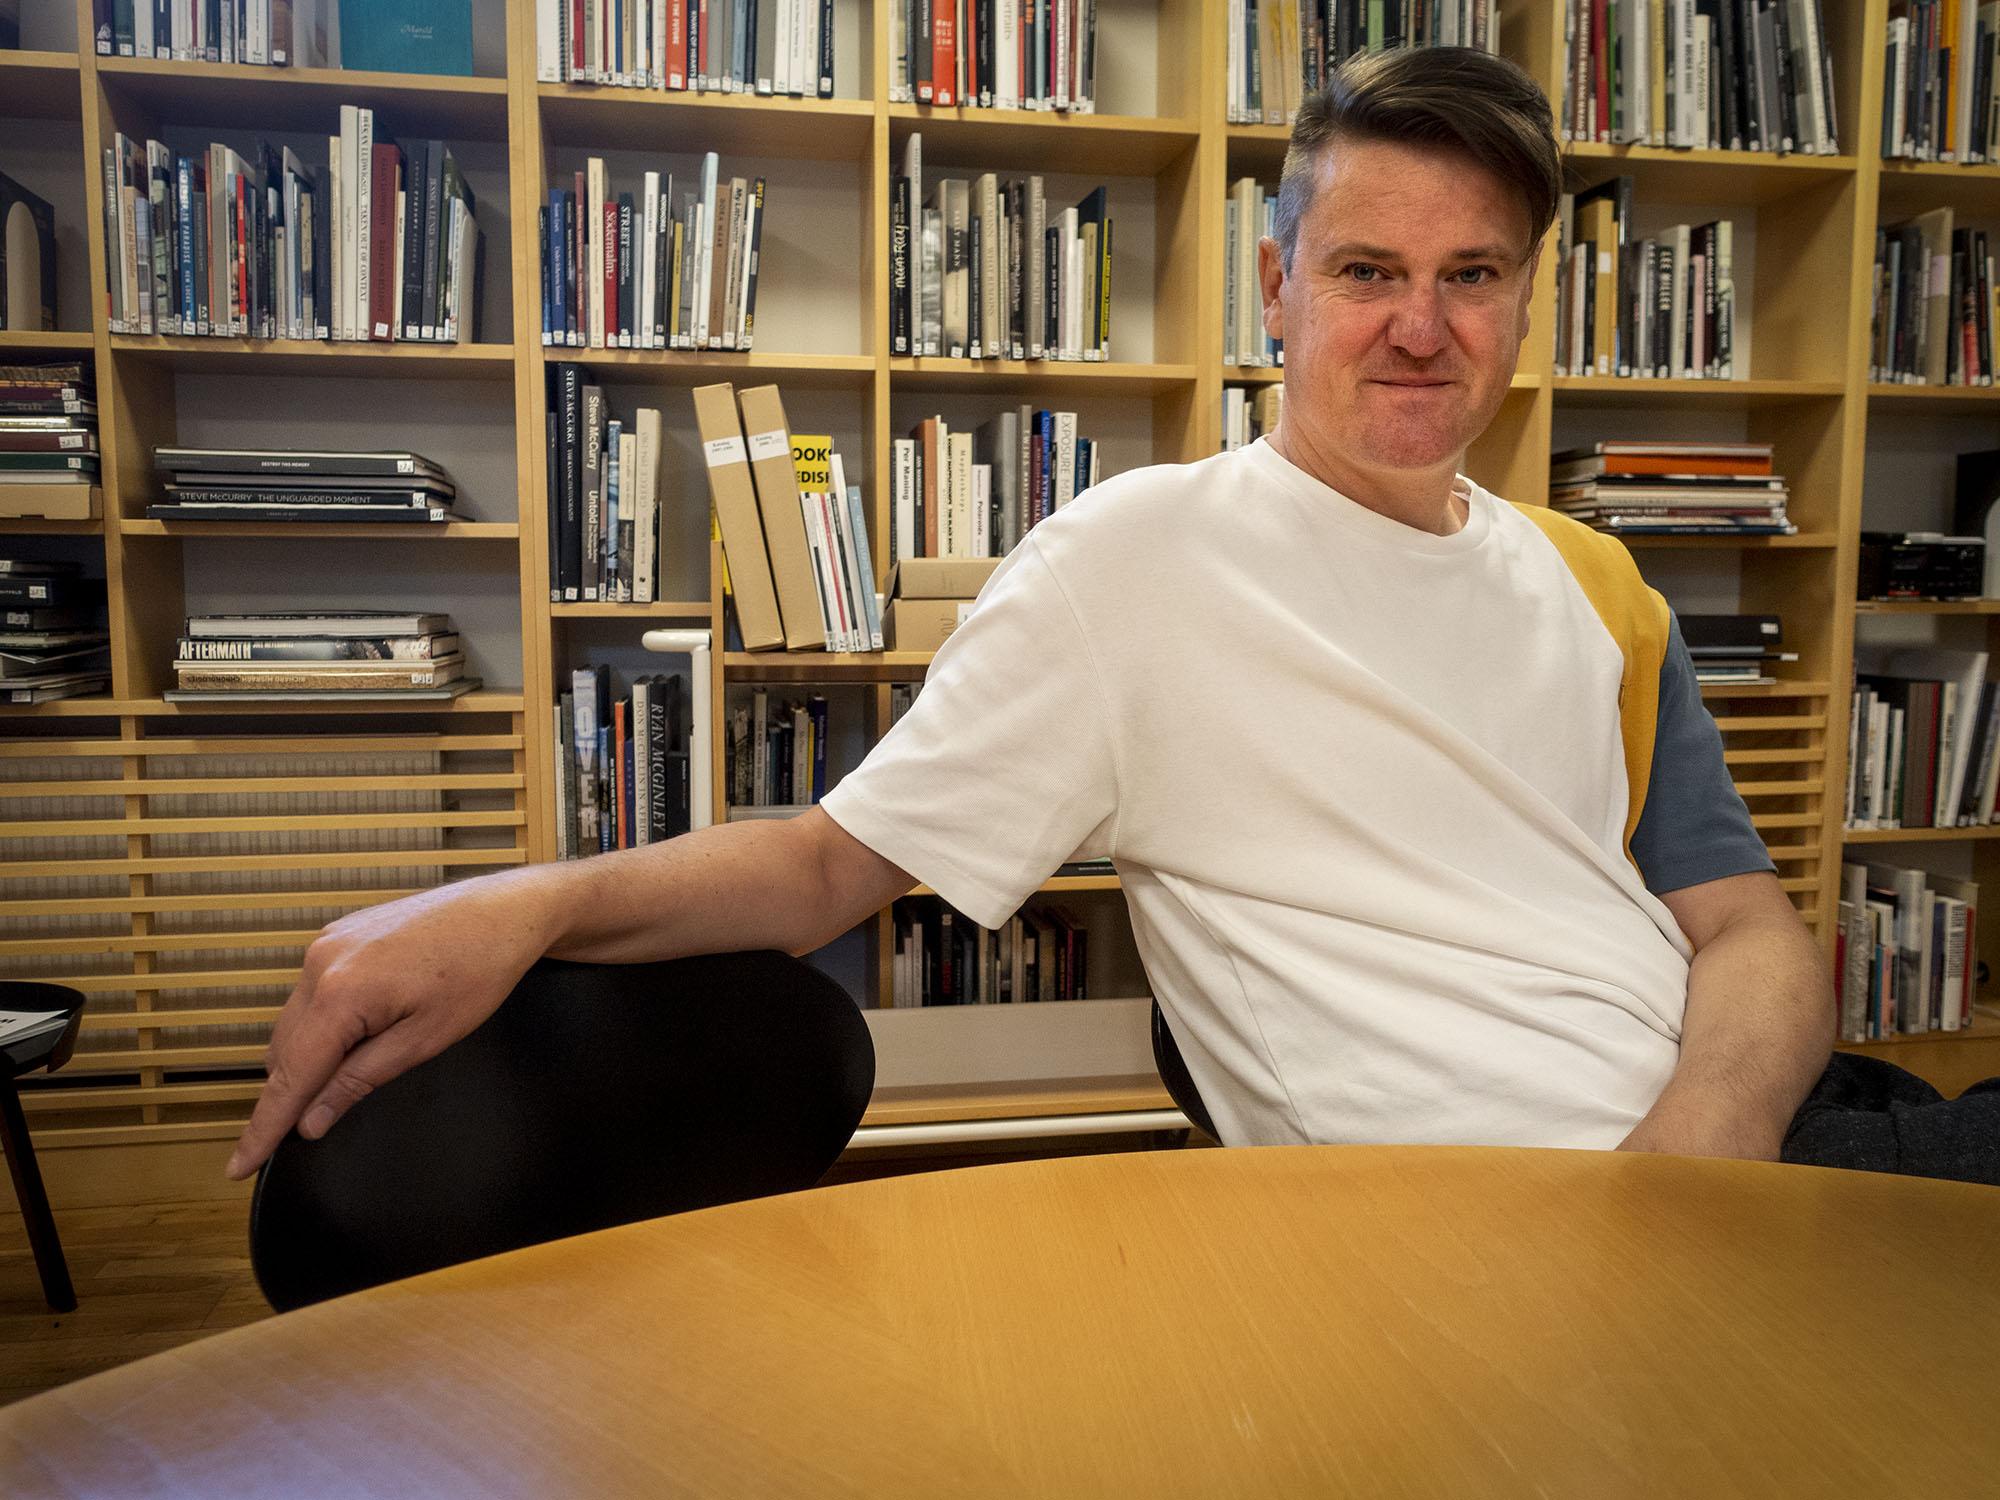 Fotofika med Andreas Hagström, ny bibliotekarie på Hasselblad